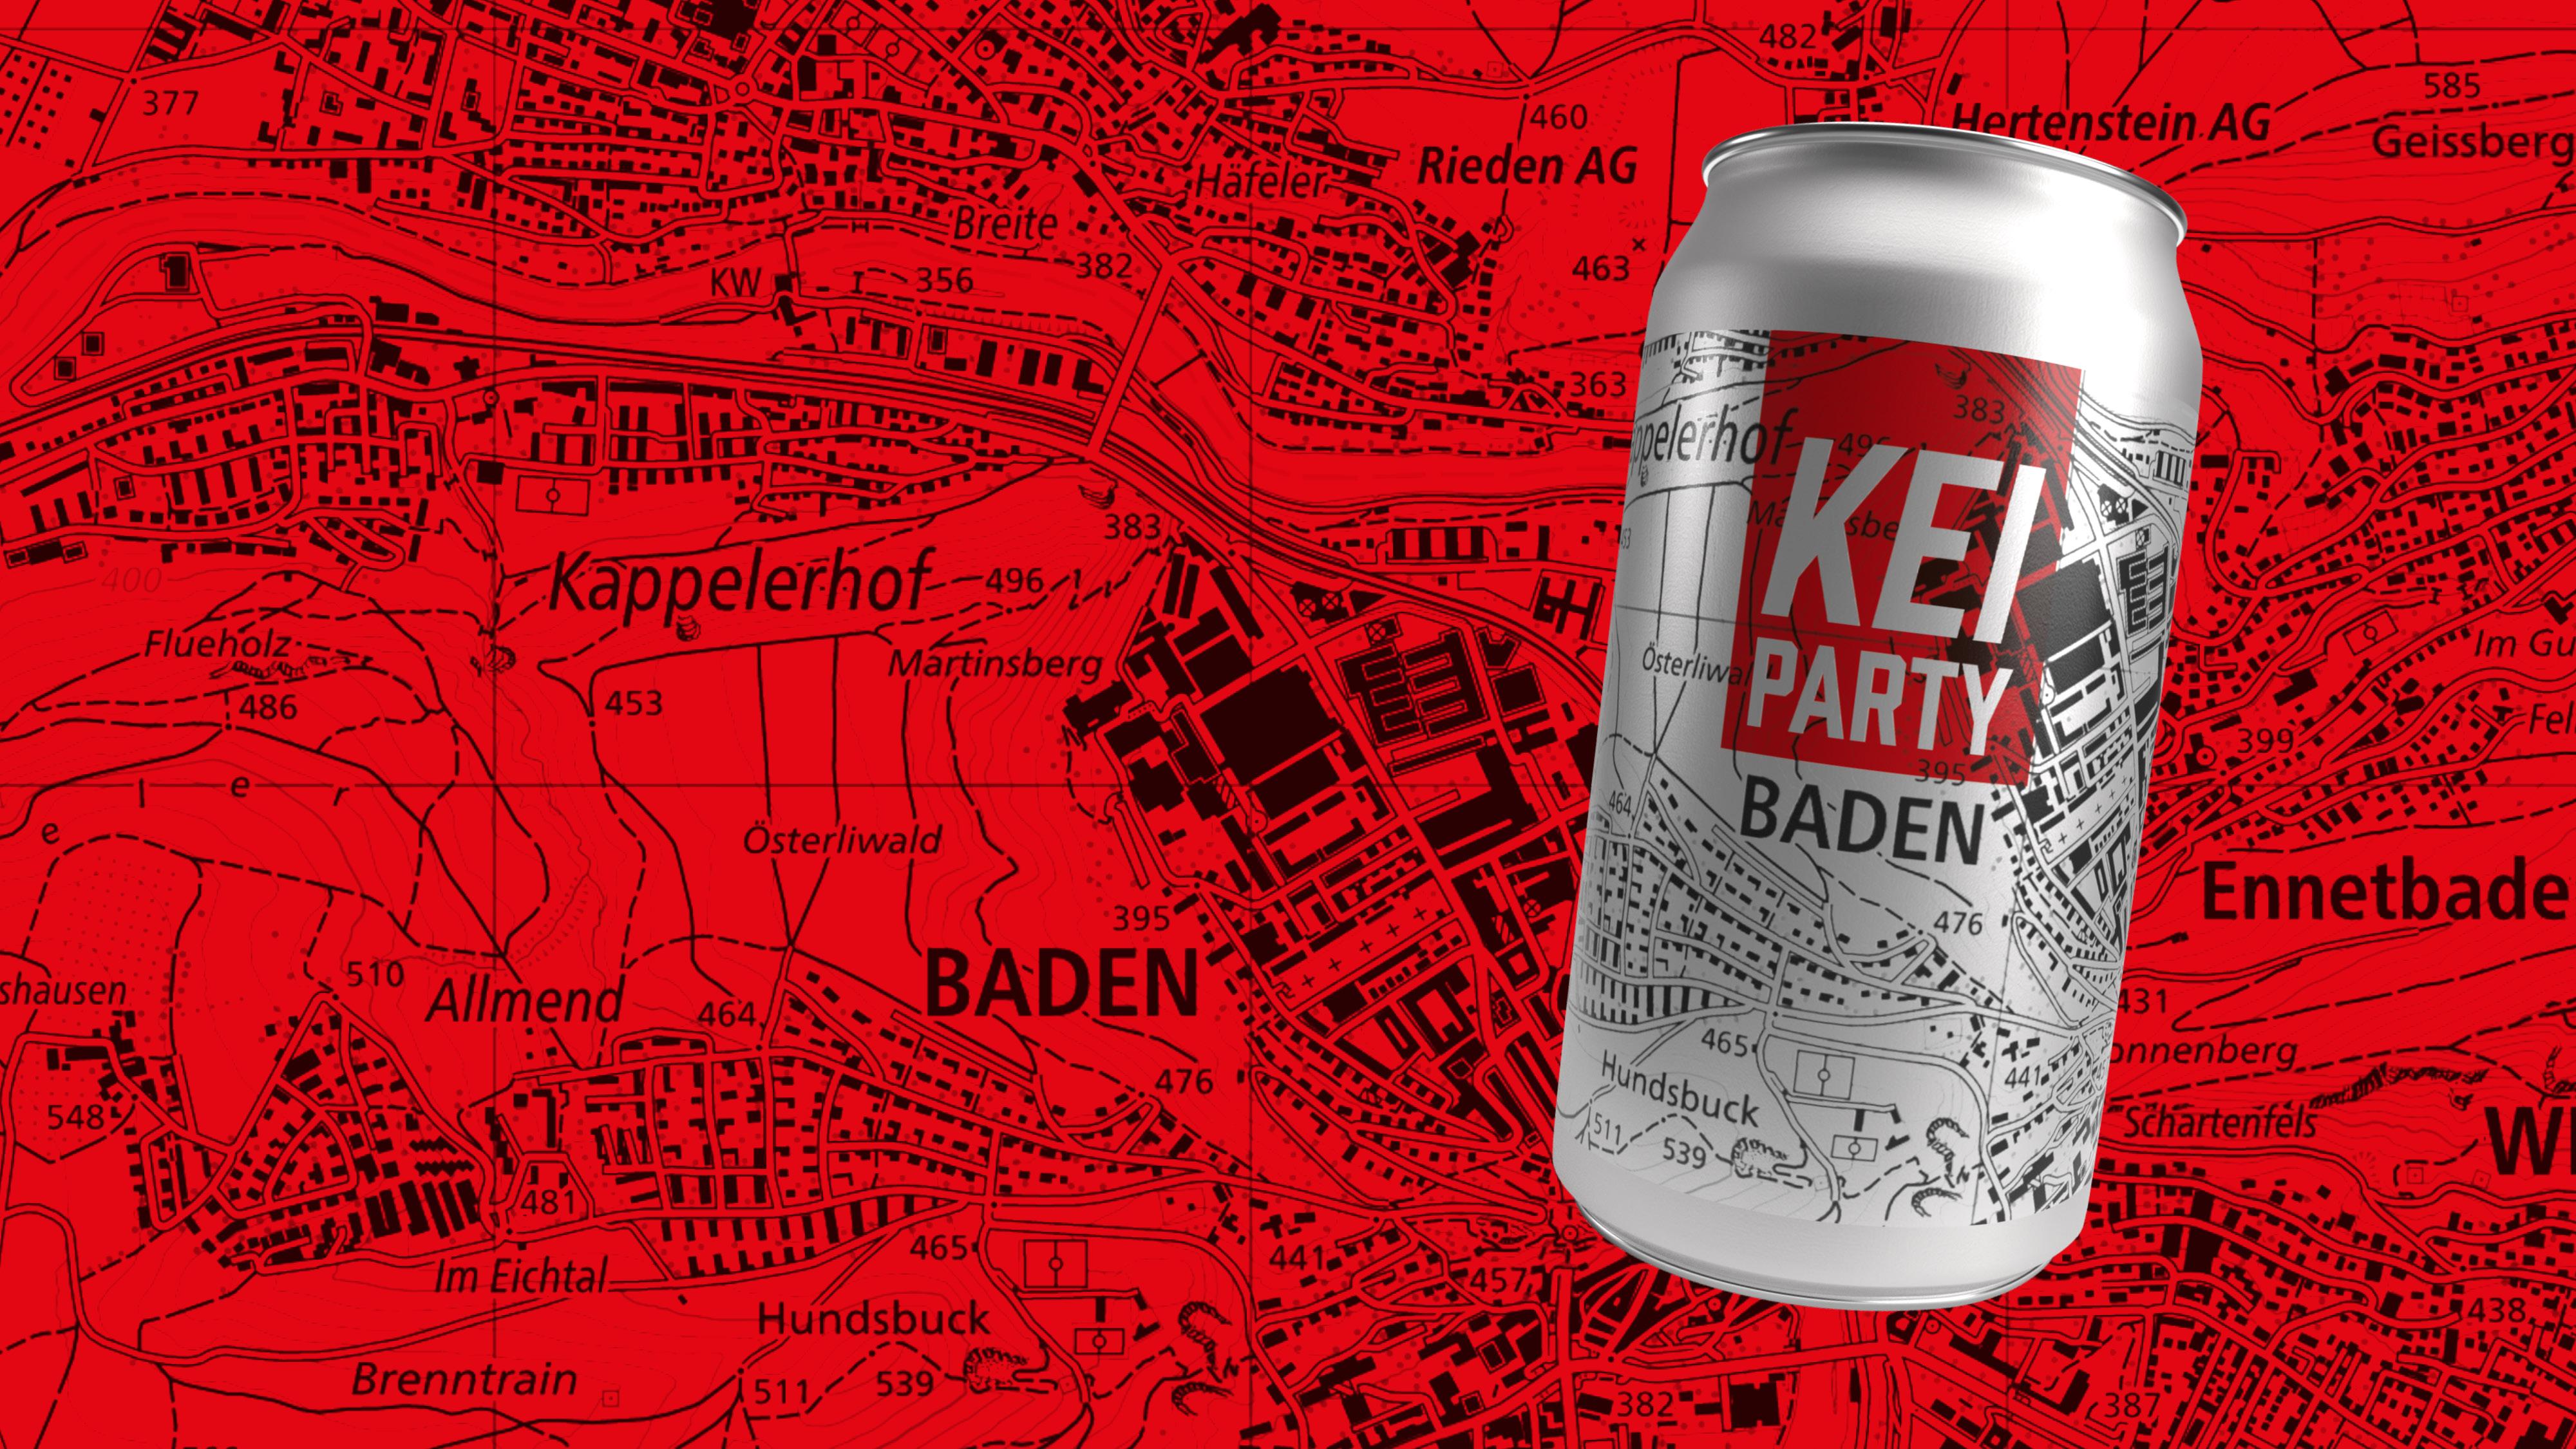 Kei Party